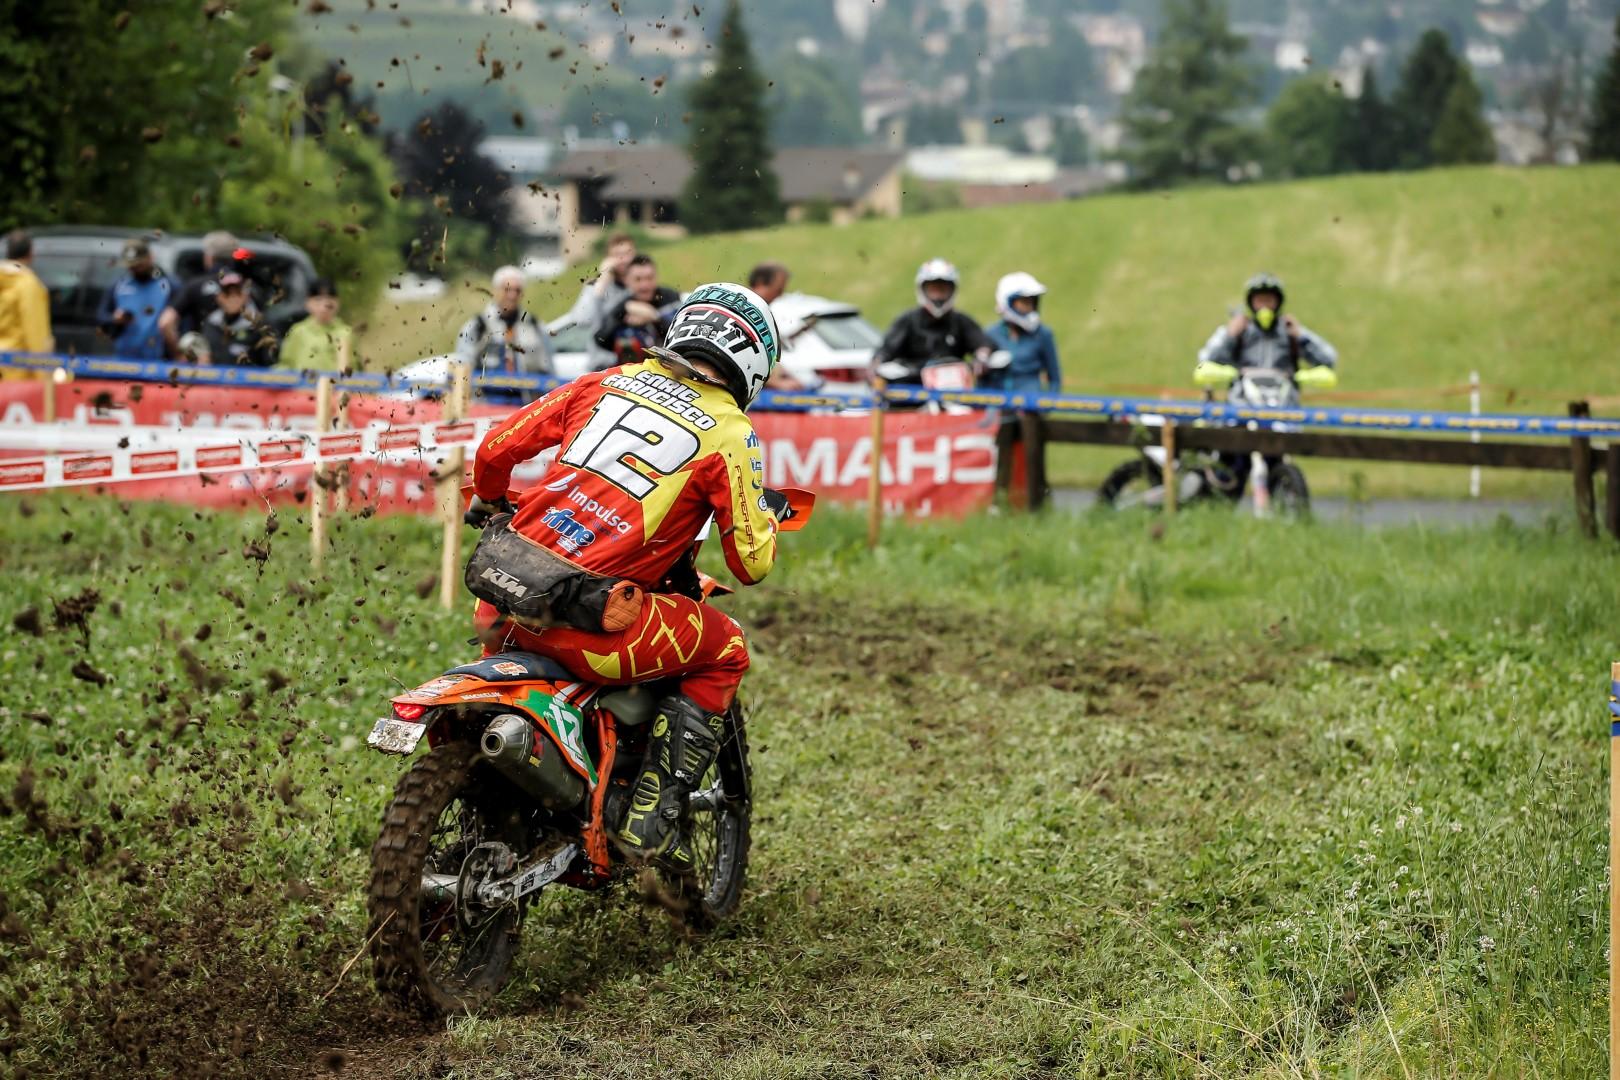 Nuevo triunfo de Enric Francisco en el EnduroGP de Italia